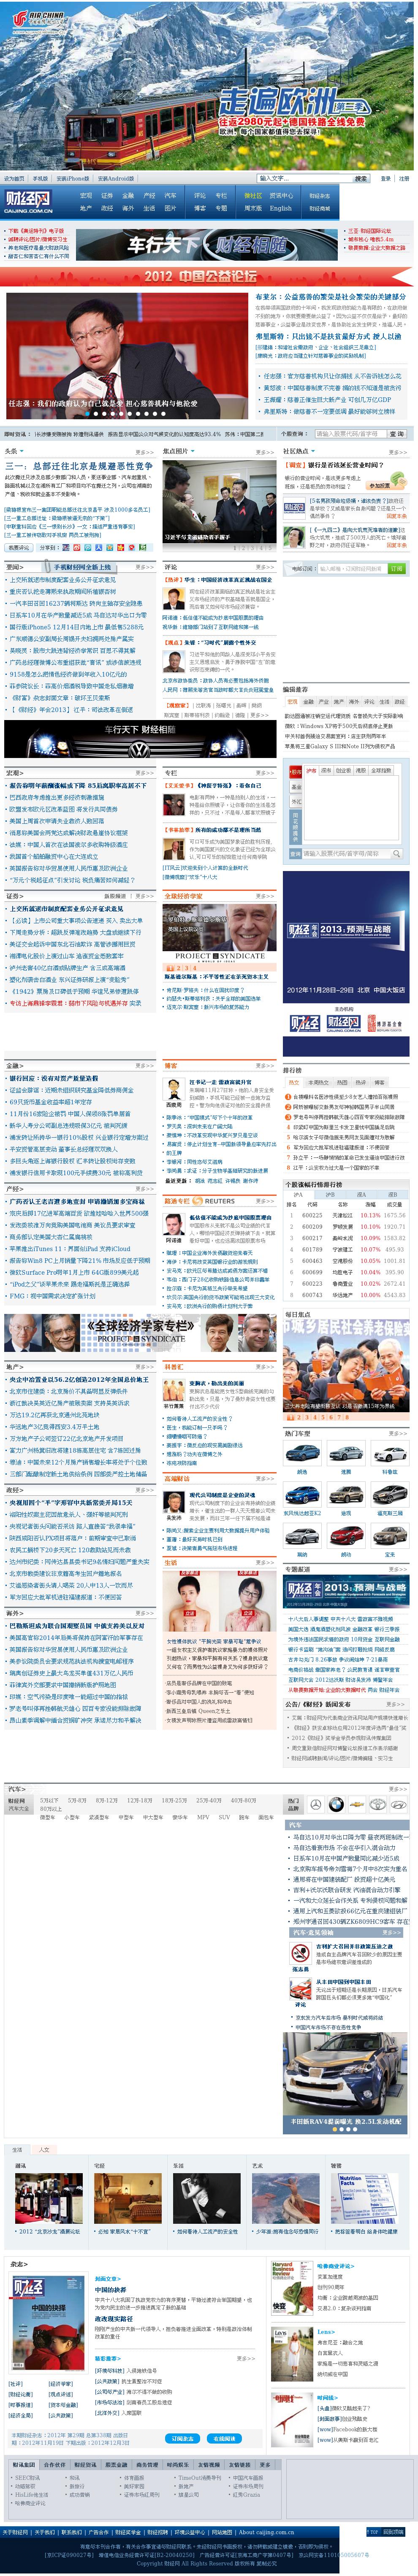 Caijing at Saturday Dec. 1, 2012, 4:03 p.m. UTC